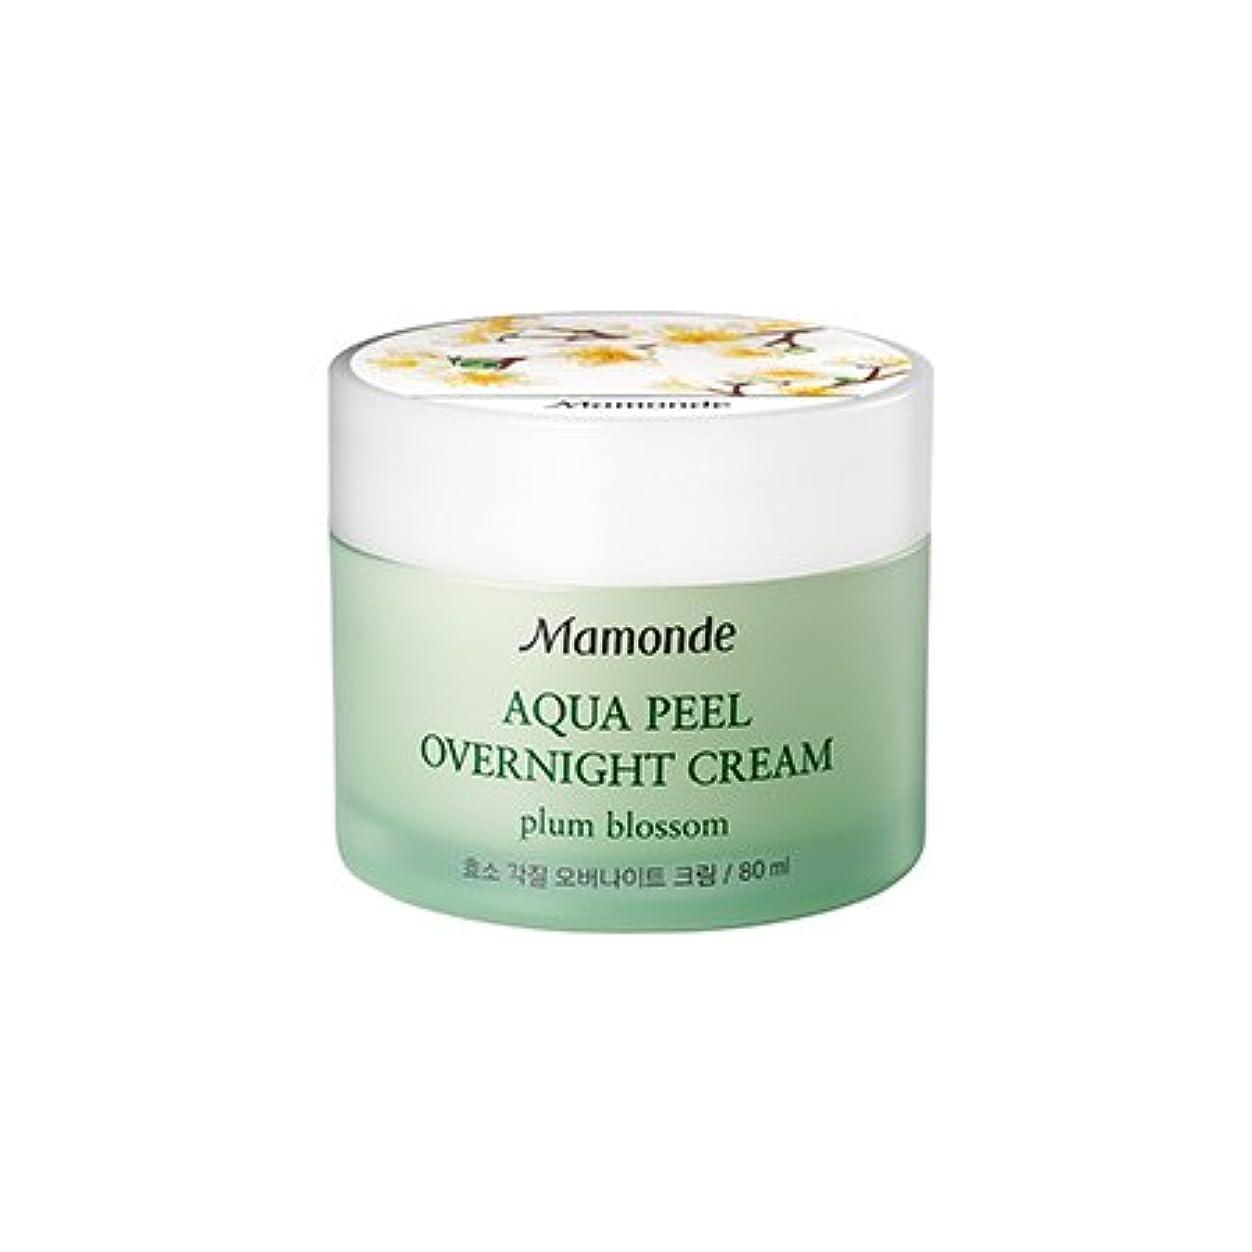 解釈的ロッカー吐くMamonde Aqua Peel Overnight Cream 80ml/マモンド アクア ピール オーバーナイト クリーム 80ml [並行輸入品]